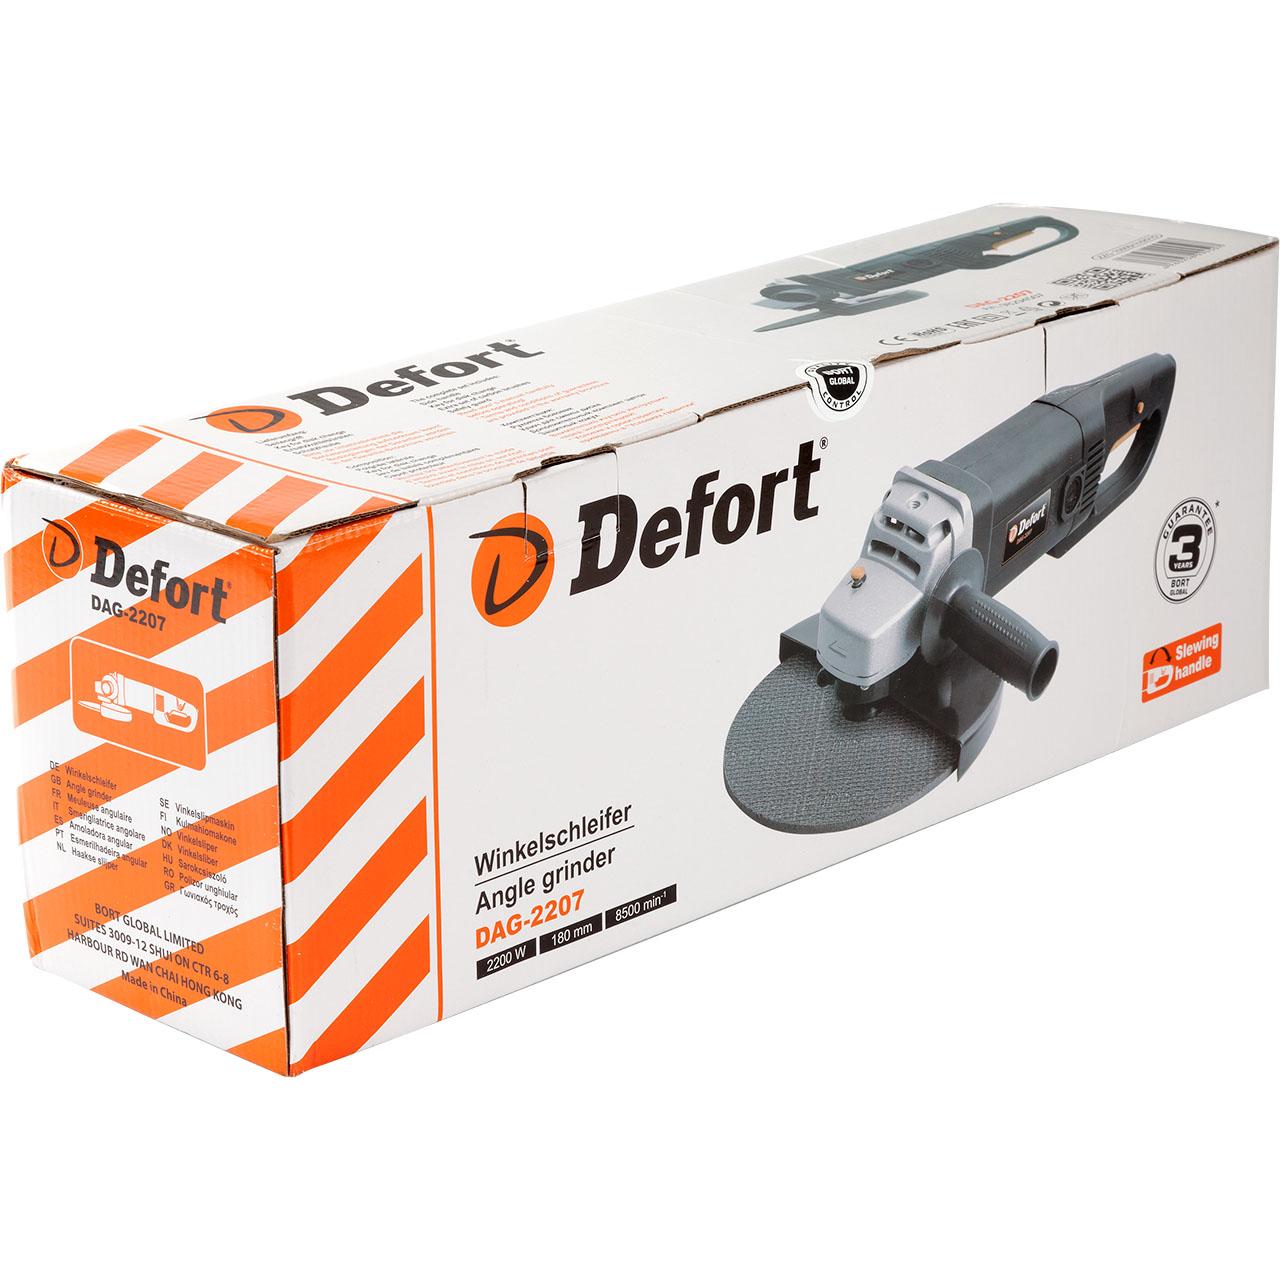 Шлифмашина угловая DAG-2207 Defort 98294507